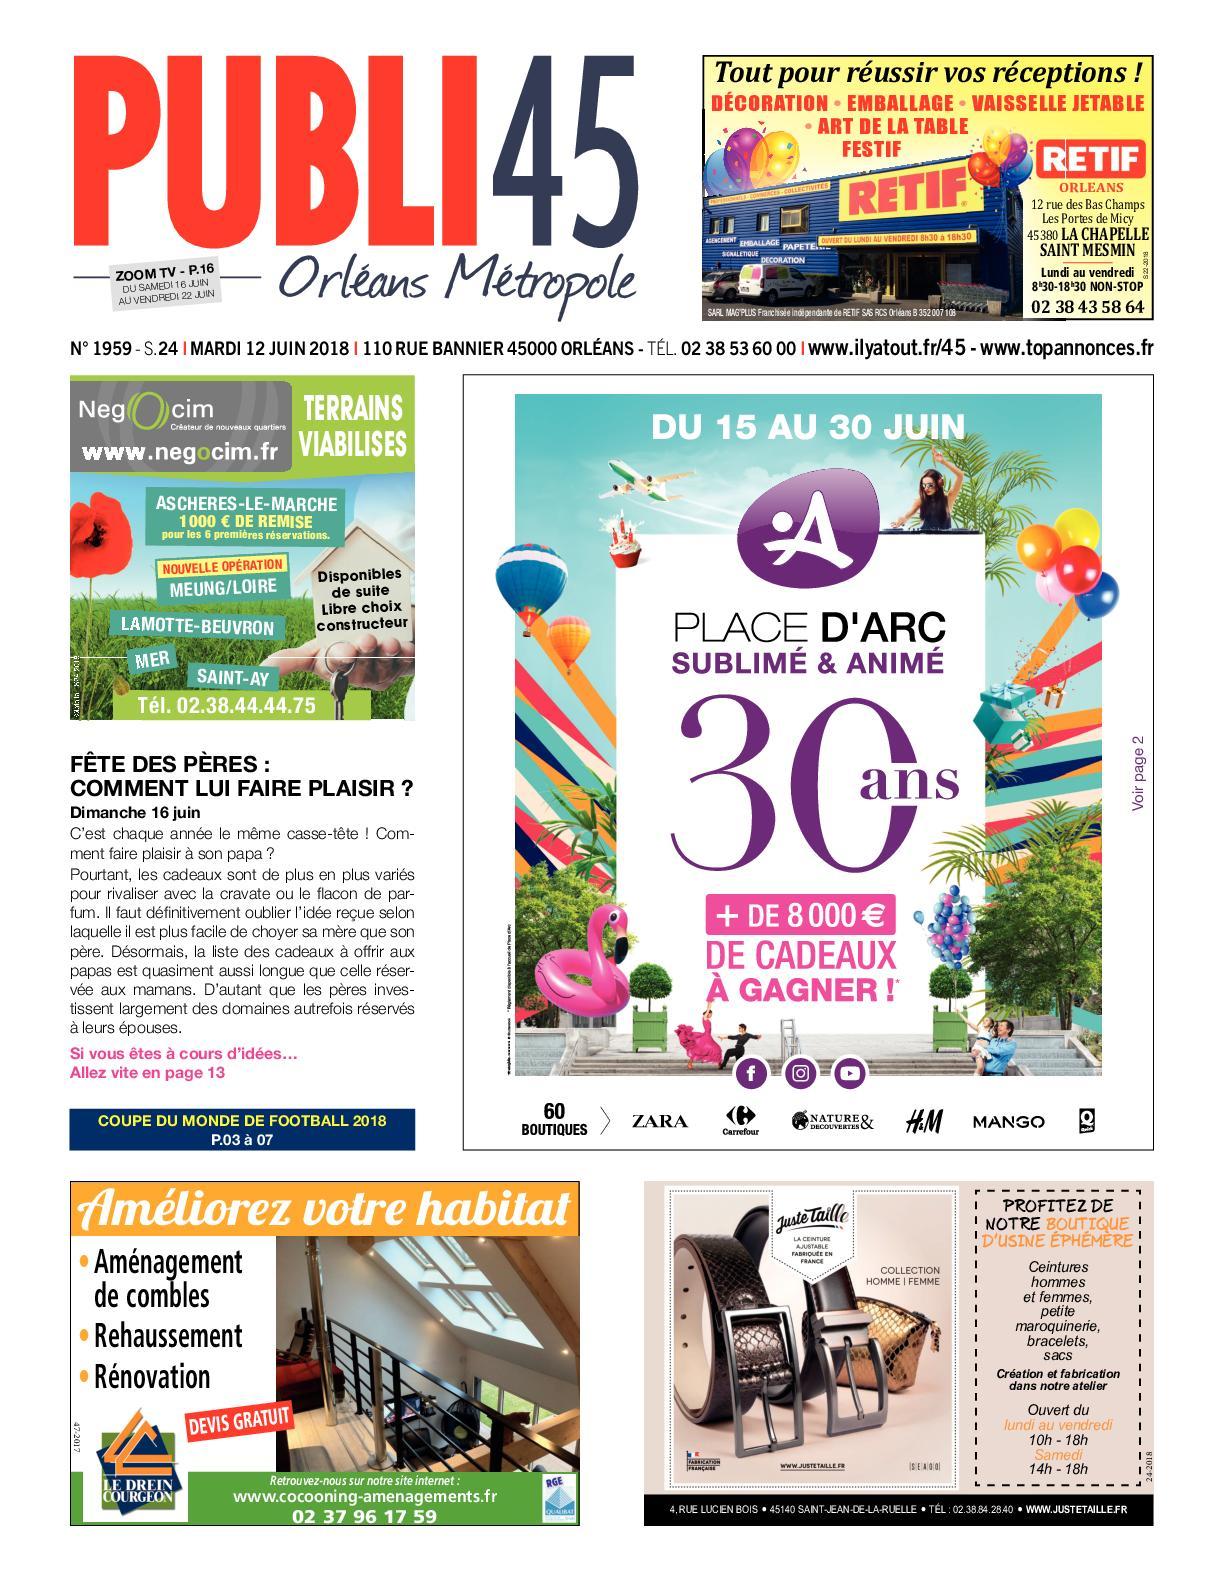 Envia Cuisine Fleury Les Aubrais calaméo - publi45 s24 12062018